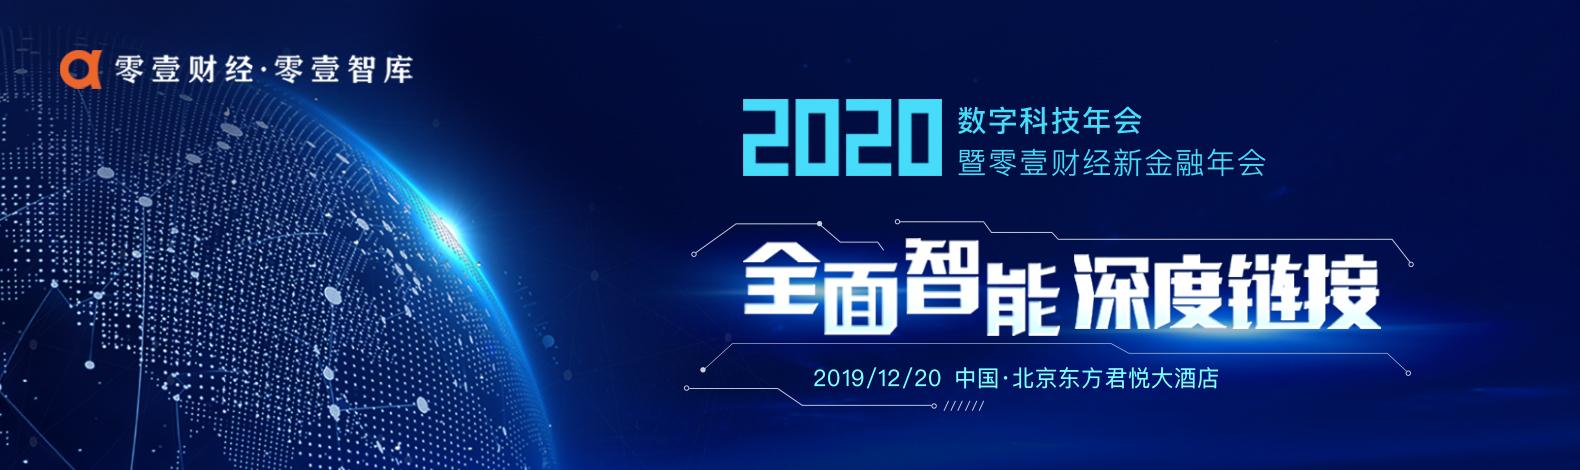 2020数字科技年会暨零壹财经新金融年会